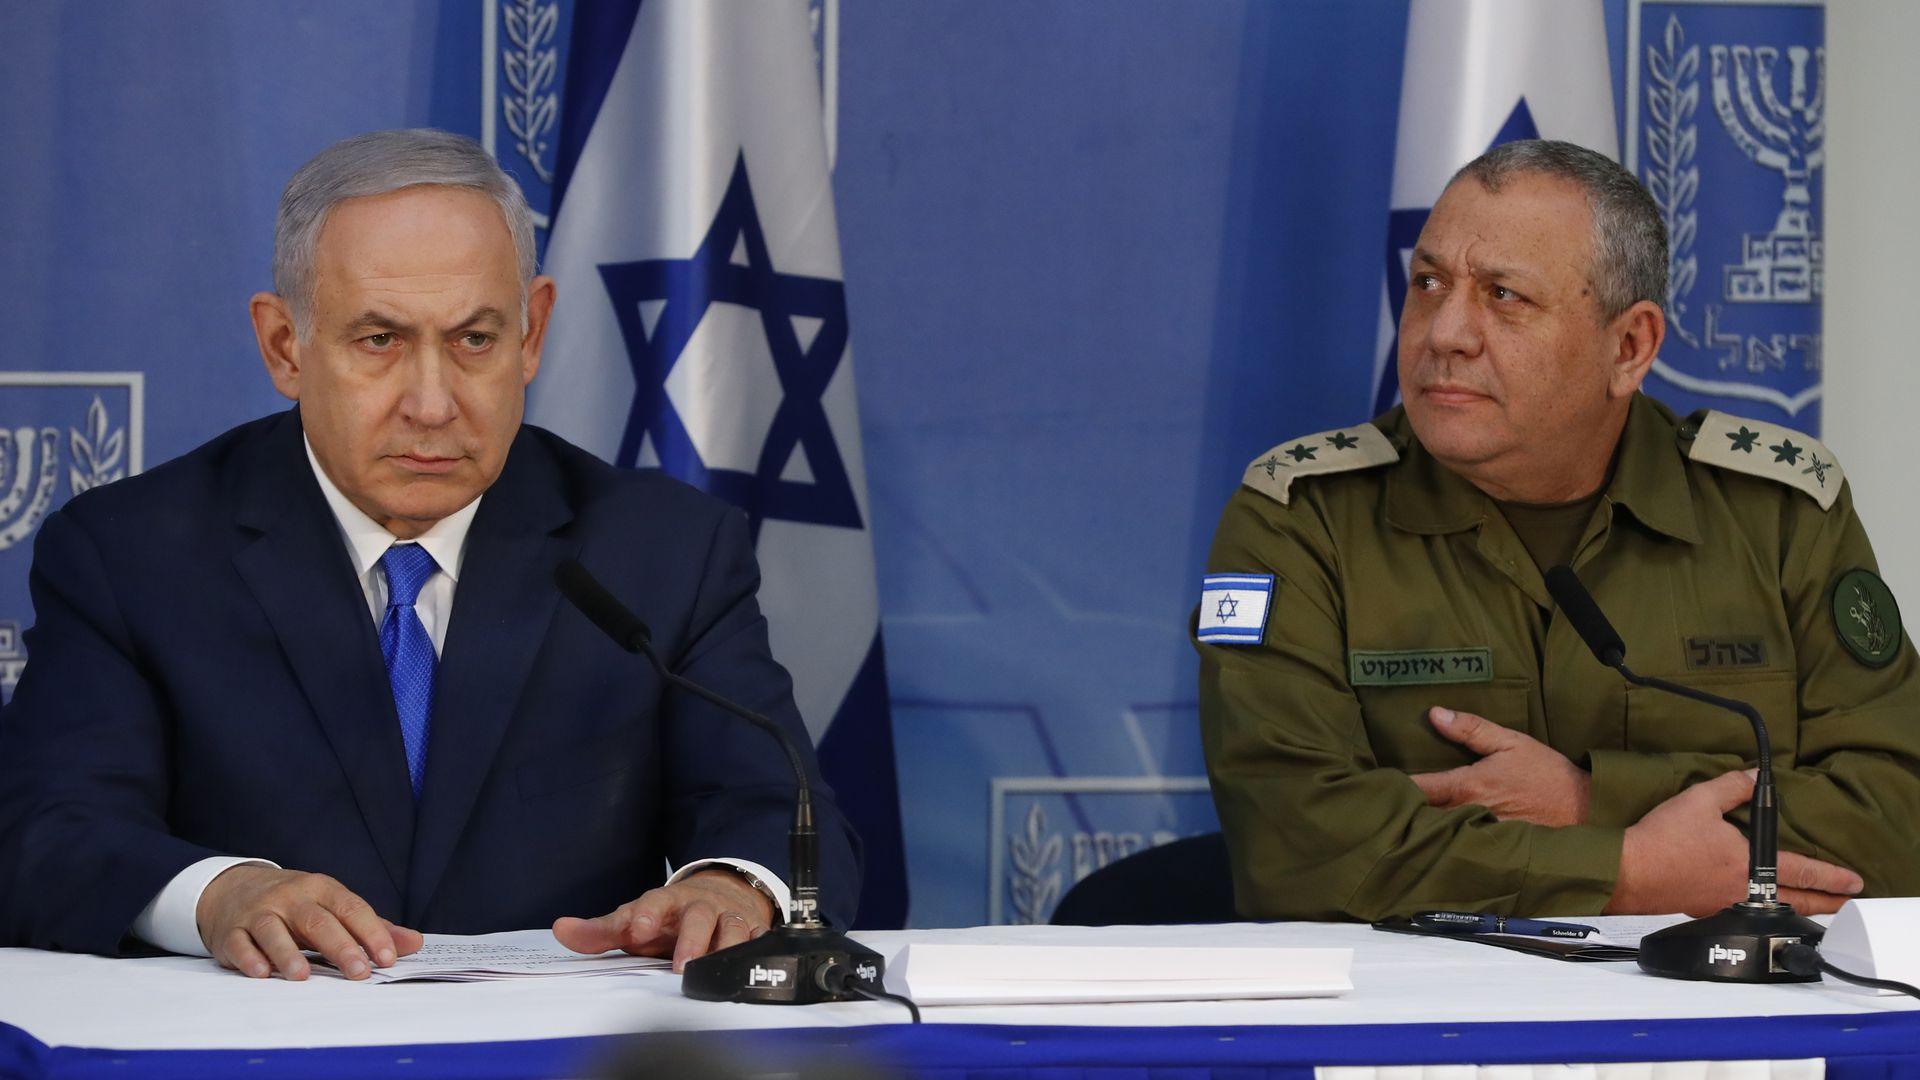 Gadi Eizenkot with Benjamin Netanyahu